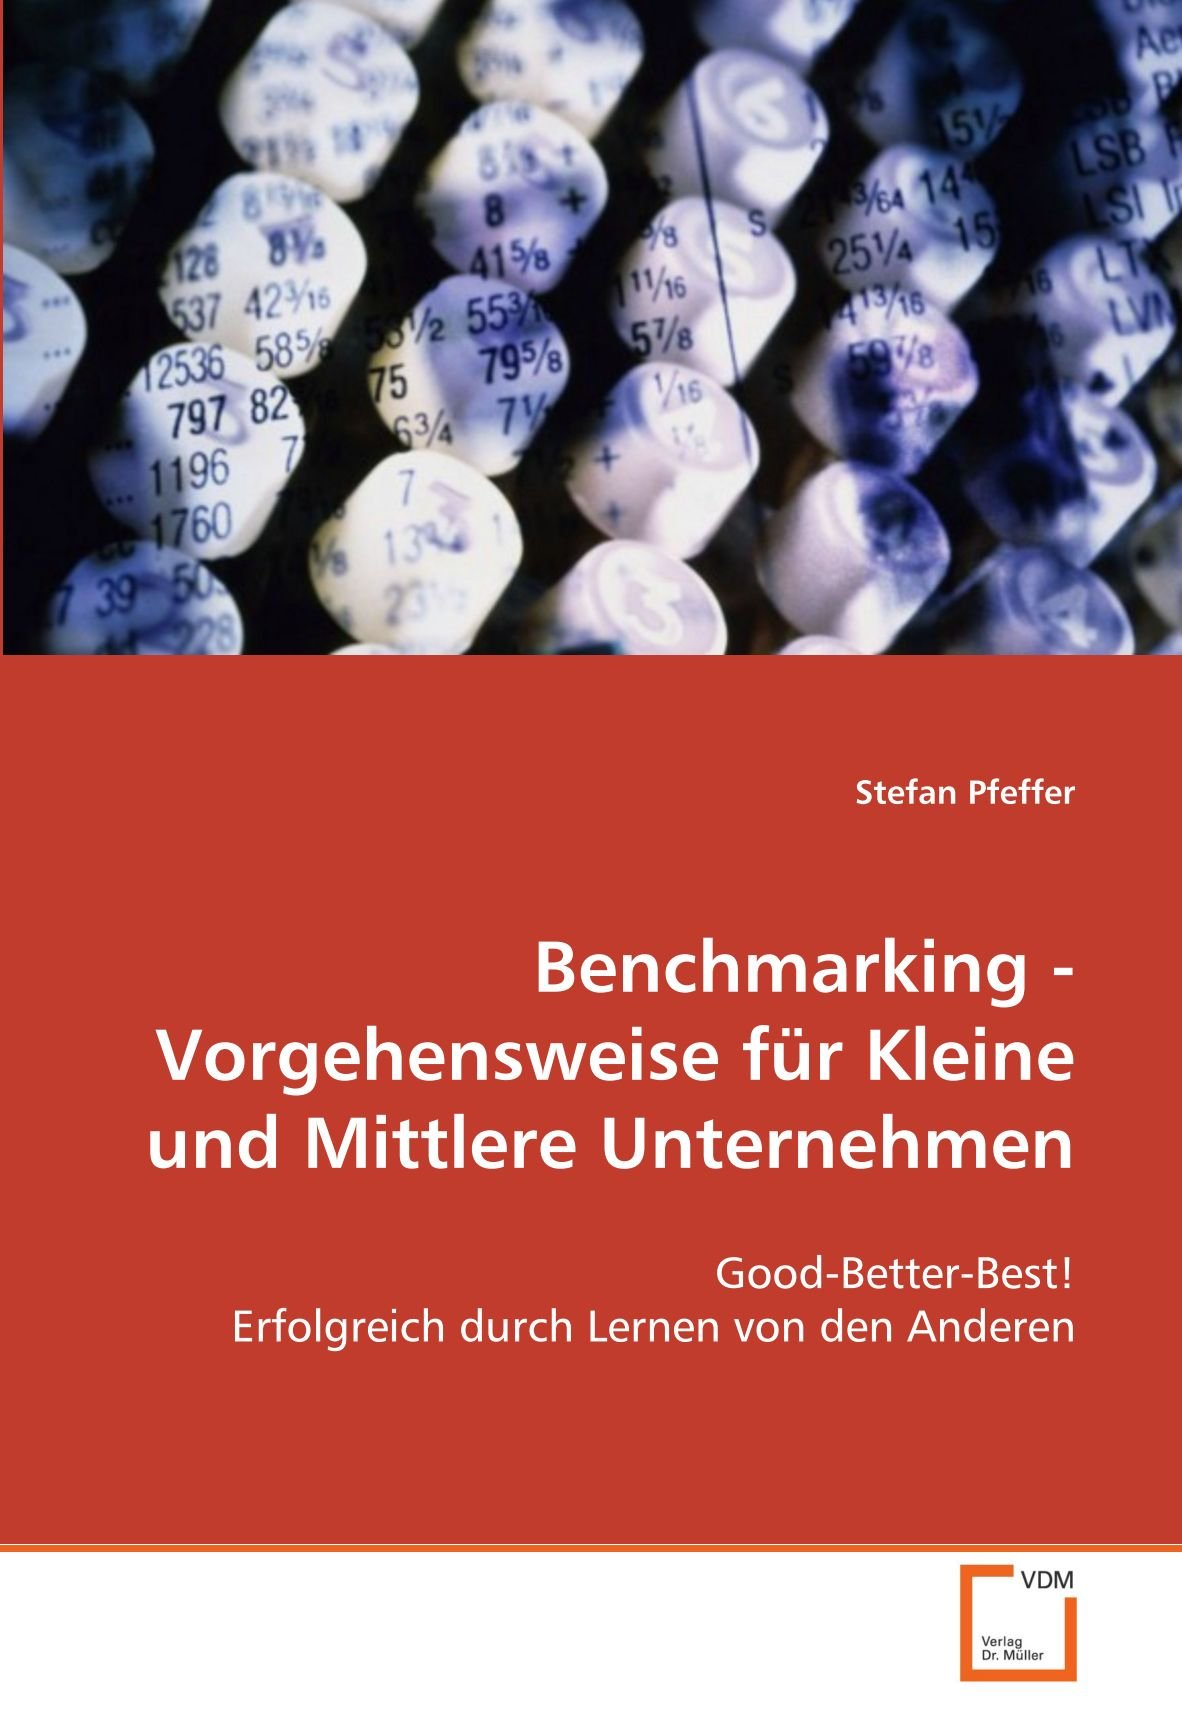 Benchmarking - Vorgehensweise für Kleine und Mittlere Unternehmen: Good-Better-Best! Erfolgreich durch Lernen von den Anderen (German Edition) ePub fb2 book